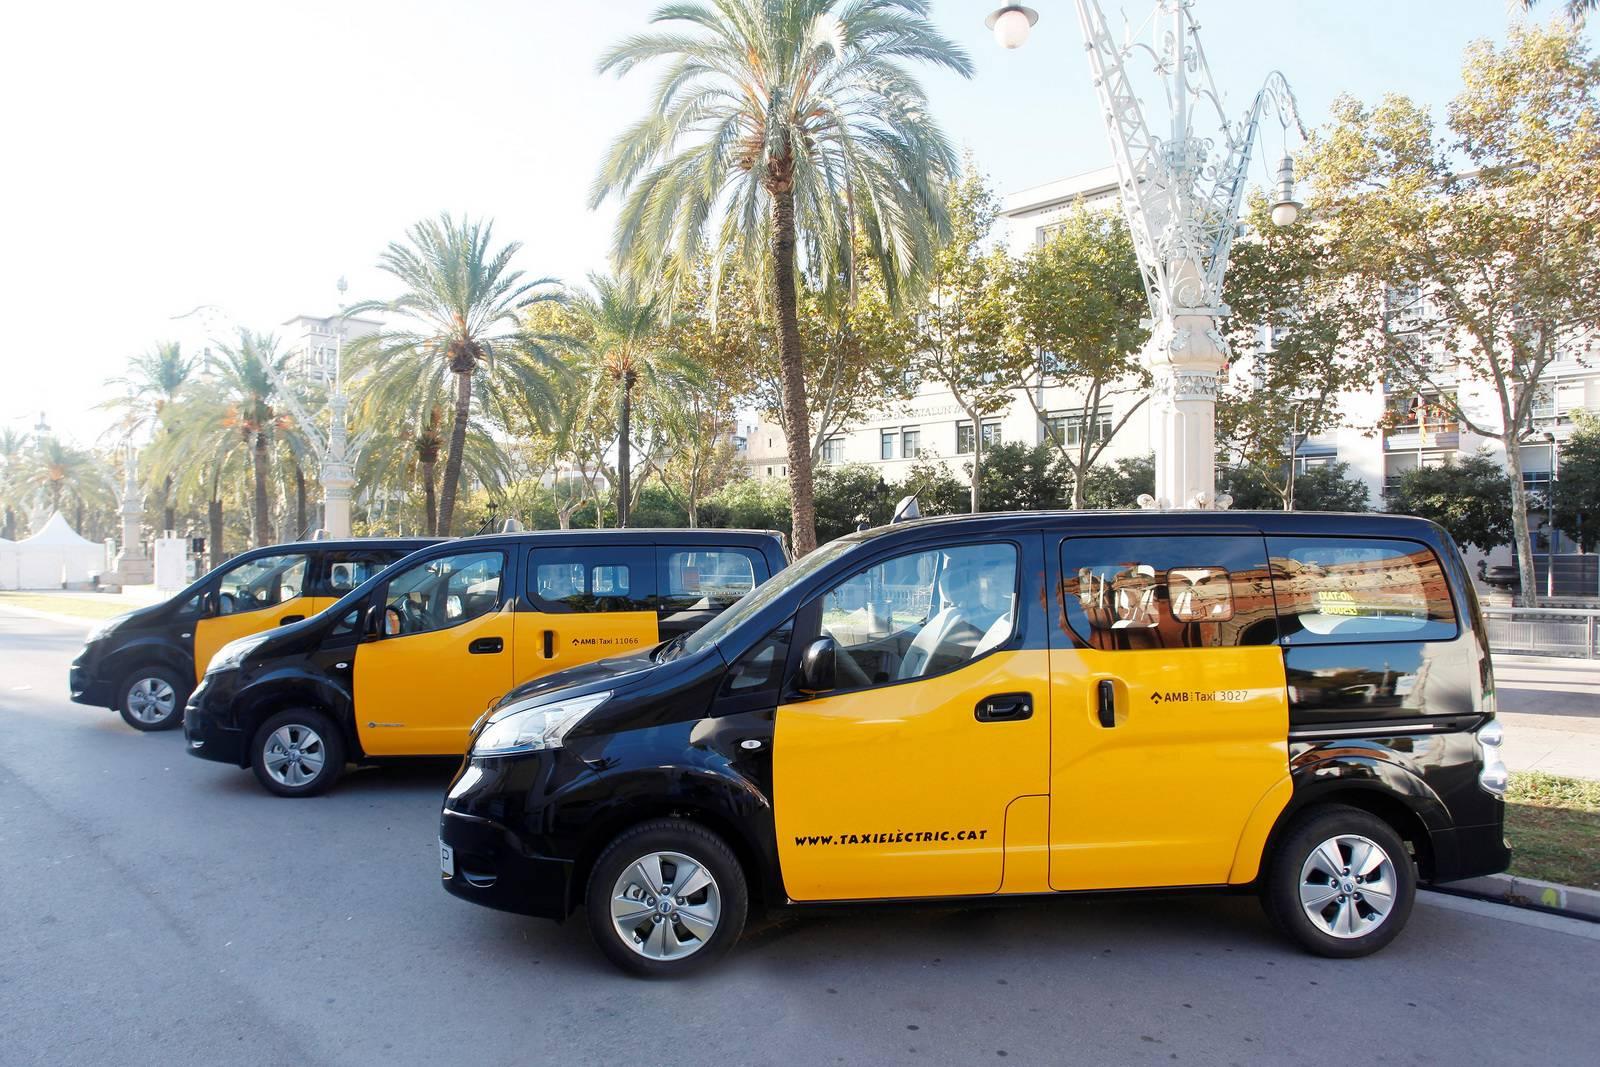 Аренда авто в барселоне, испания - советы путешественникам по прокату автомобилей